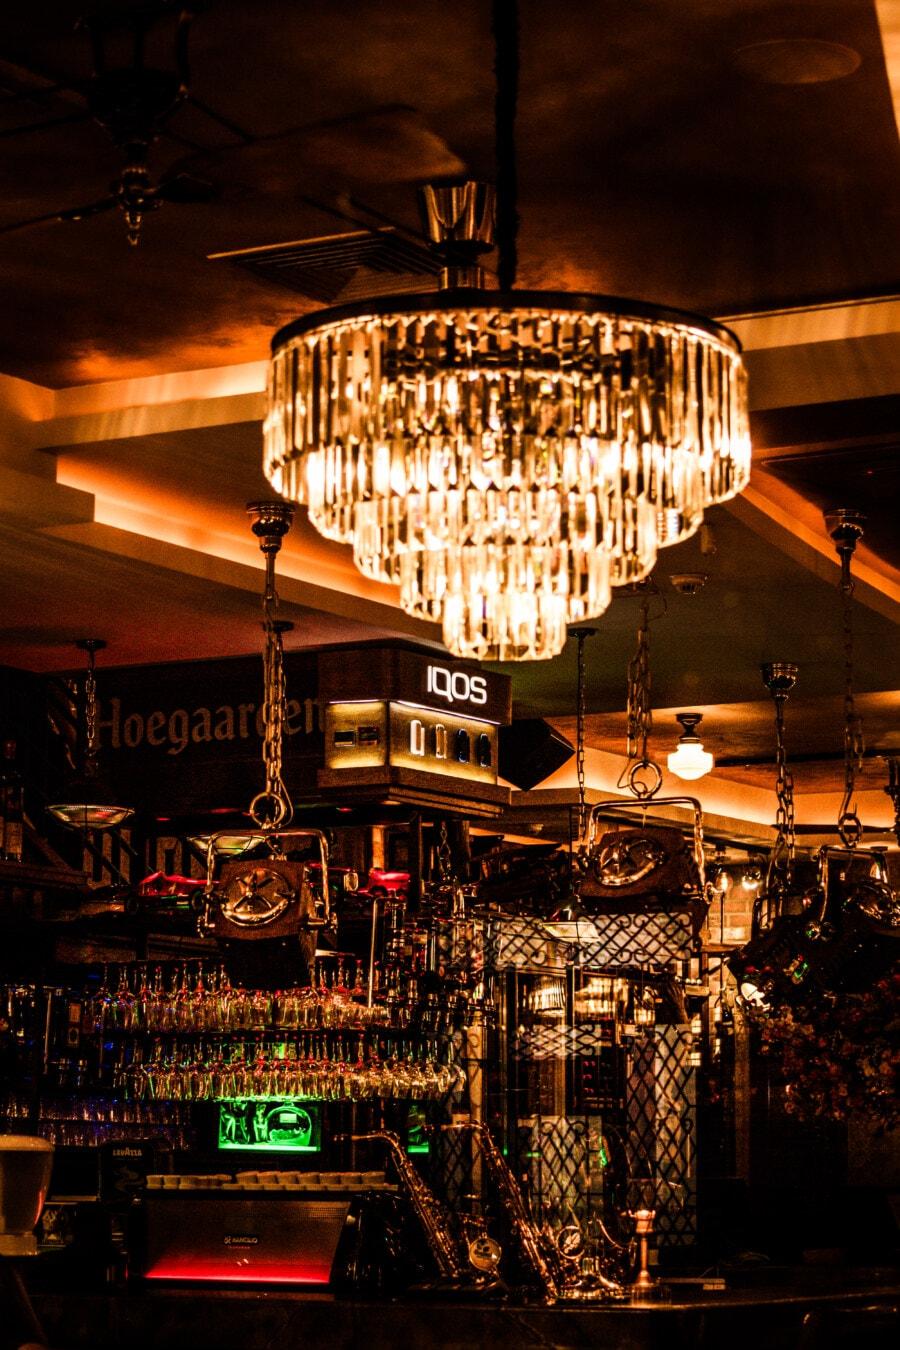 Nachtclub, Hotel, Innenraum, Restaurant, Innendekoration, Möbel, Licht, Kronleuchter, Straße, Lampe